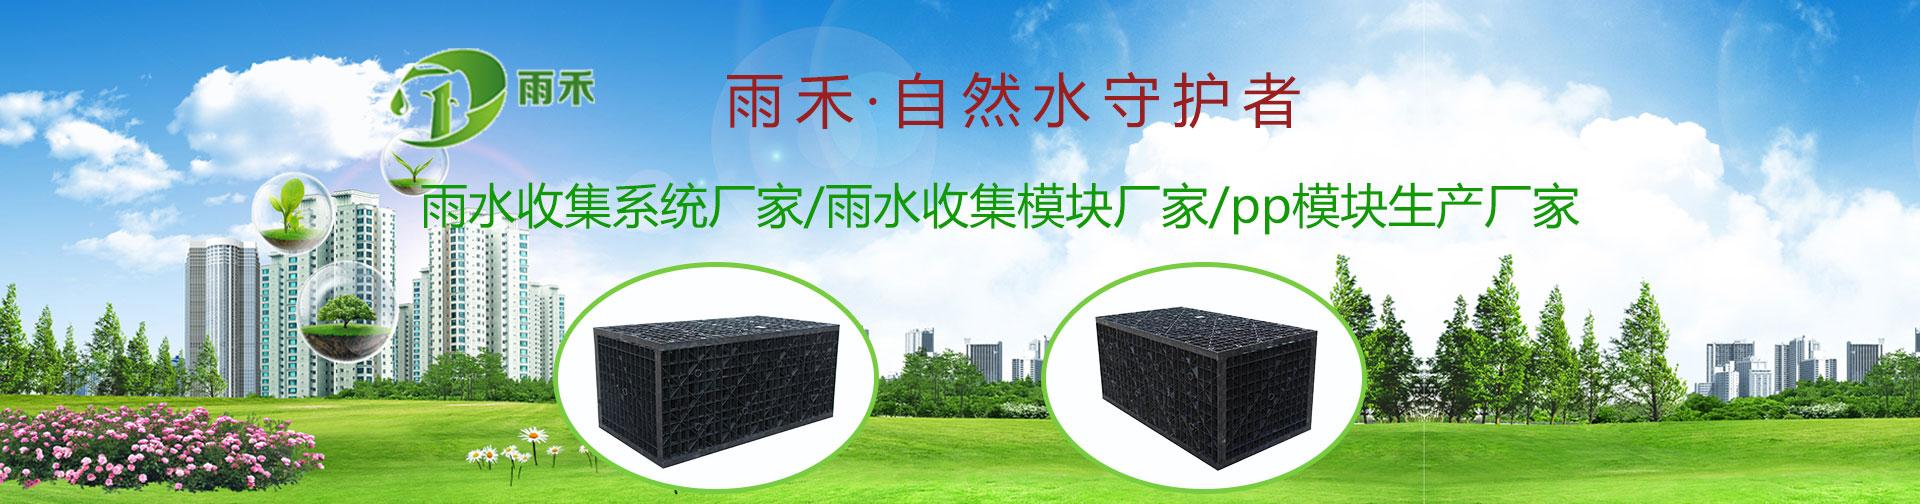 雨水收集系统厂家/雨水收集模块厂家/pp模块生产厂家